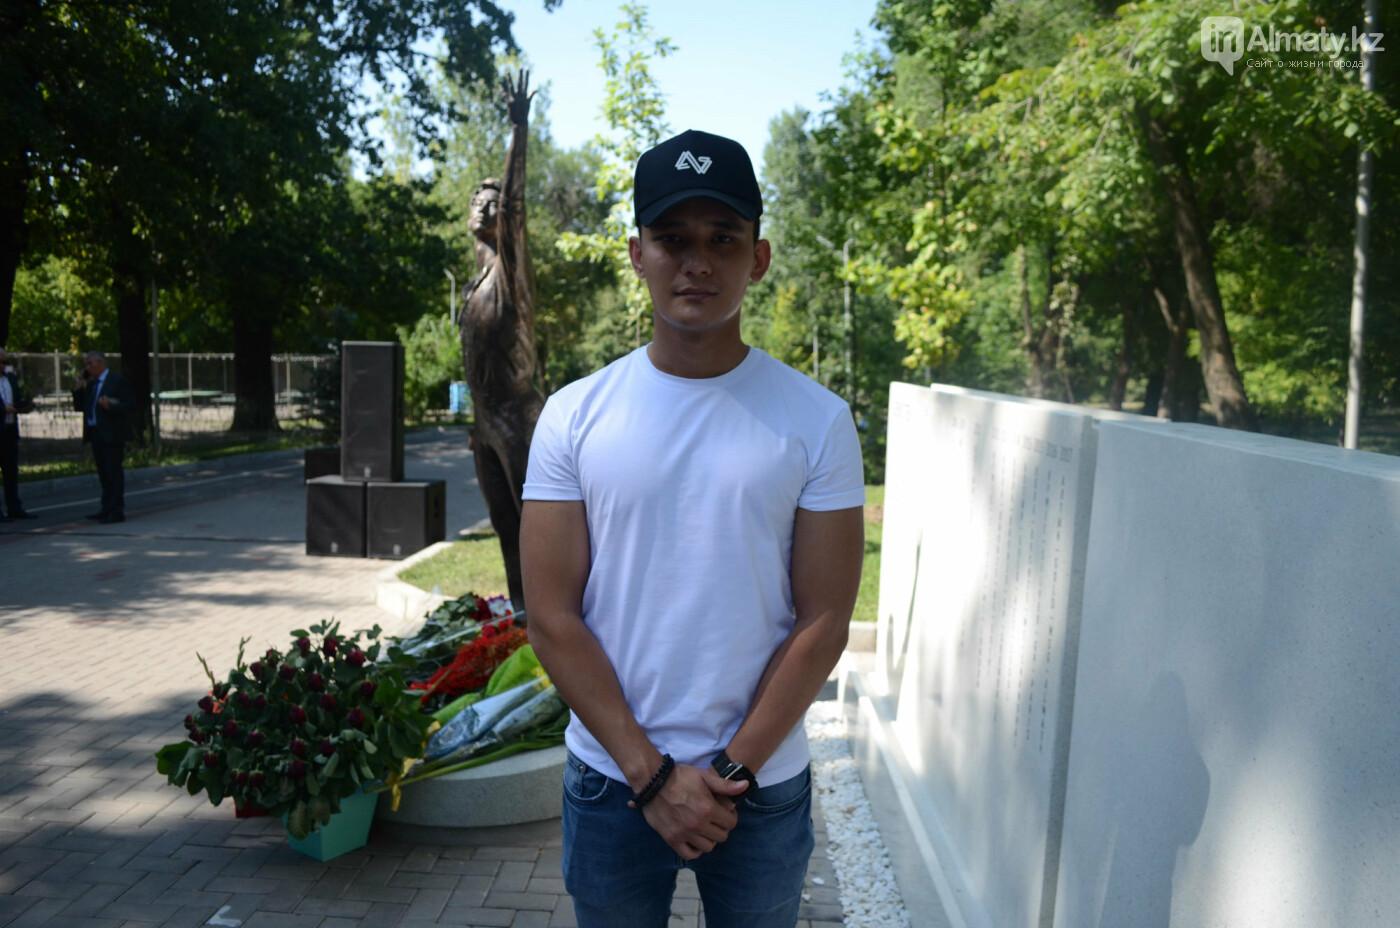 Родственники Дениса Тена и звезды фигурного катания почтили память фигуриста в Алматы, фото-14